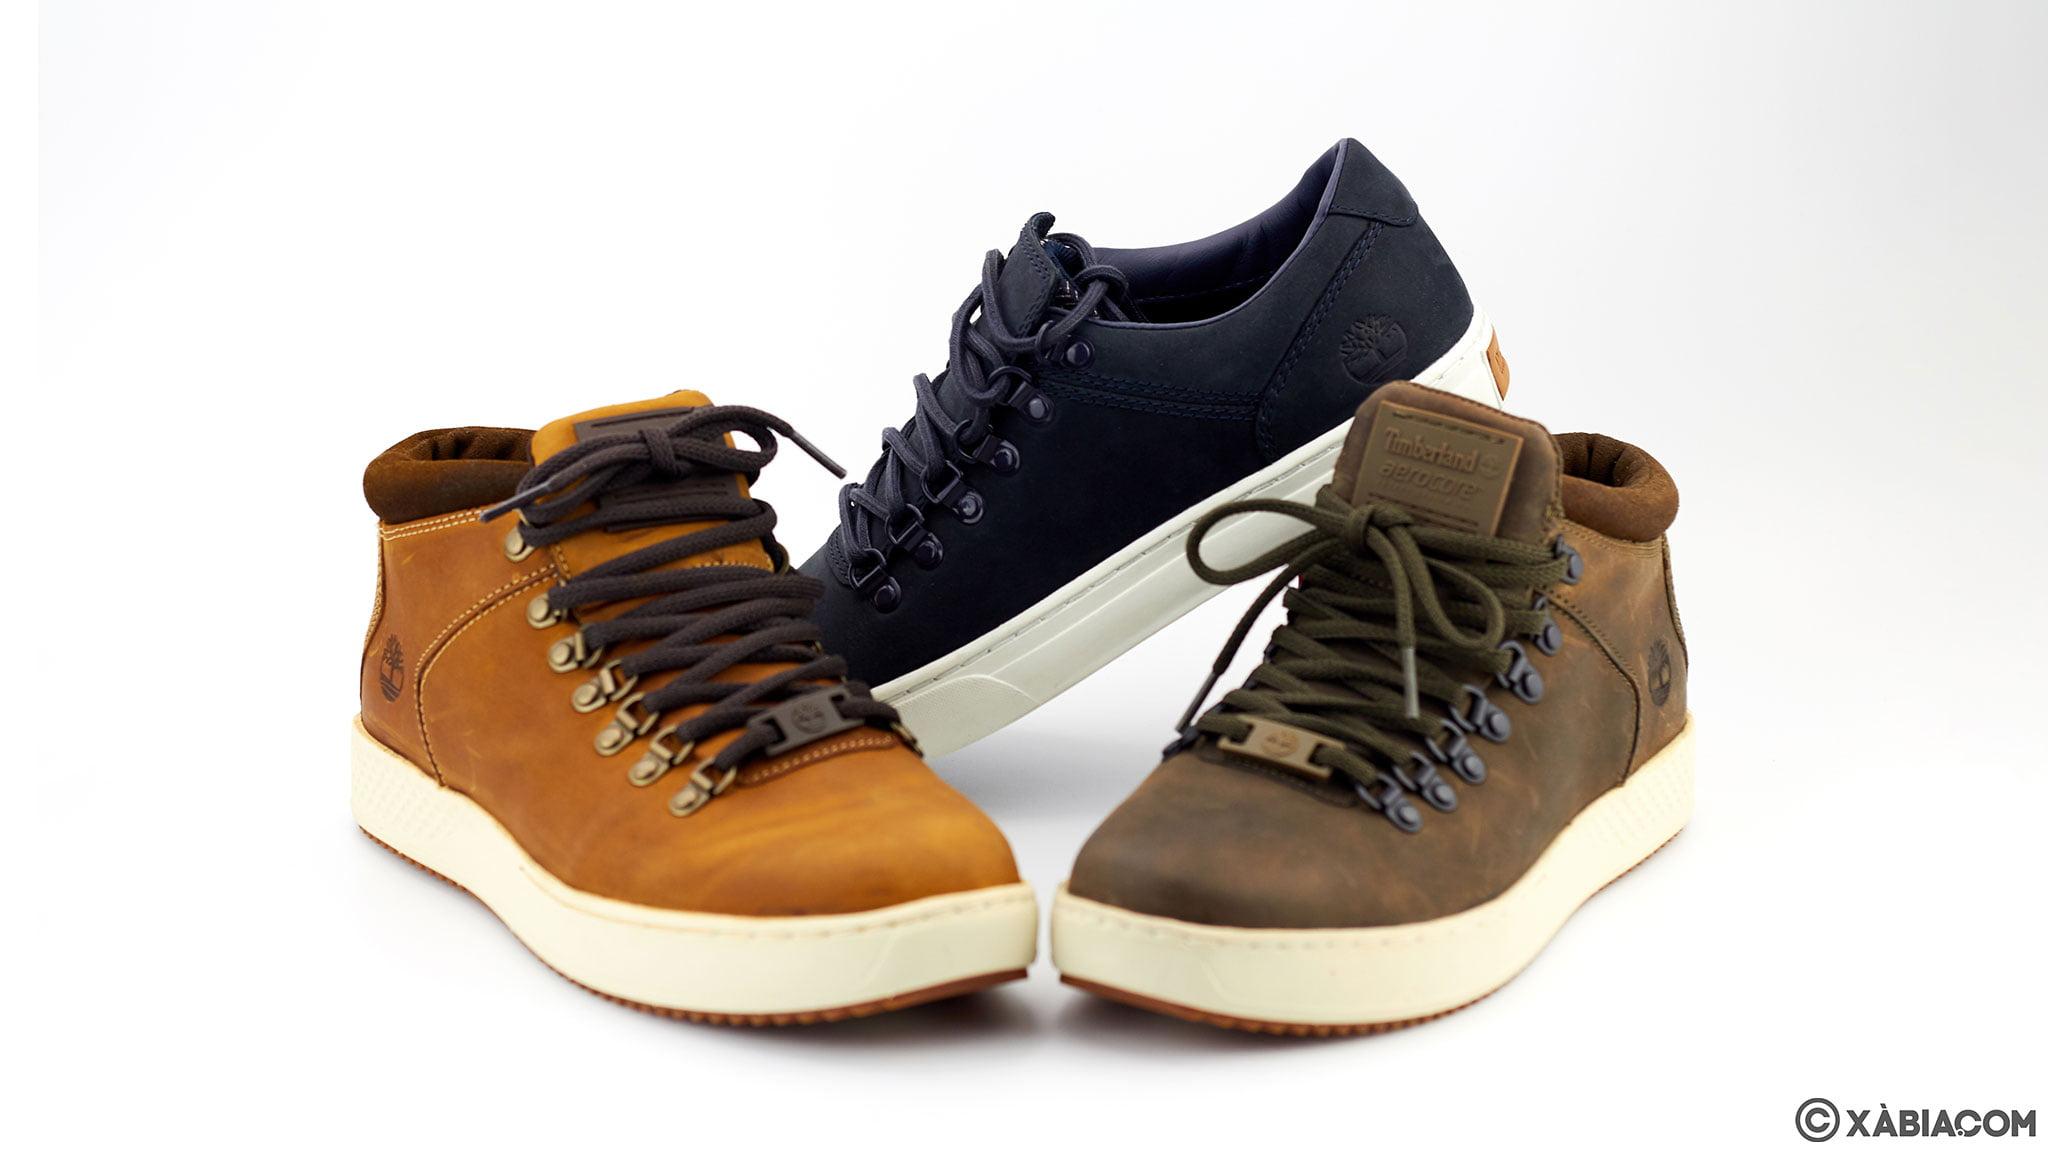 Sabor Chirrido consultor  Timberland Shoes - Ramón Marsal Shoes - Jávea.com | Xàbia.com